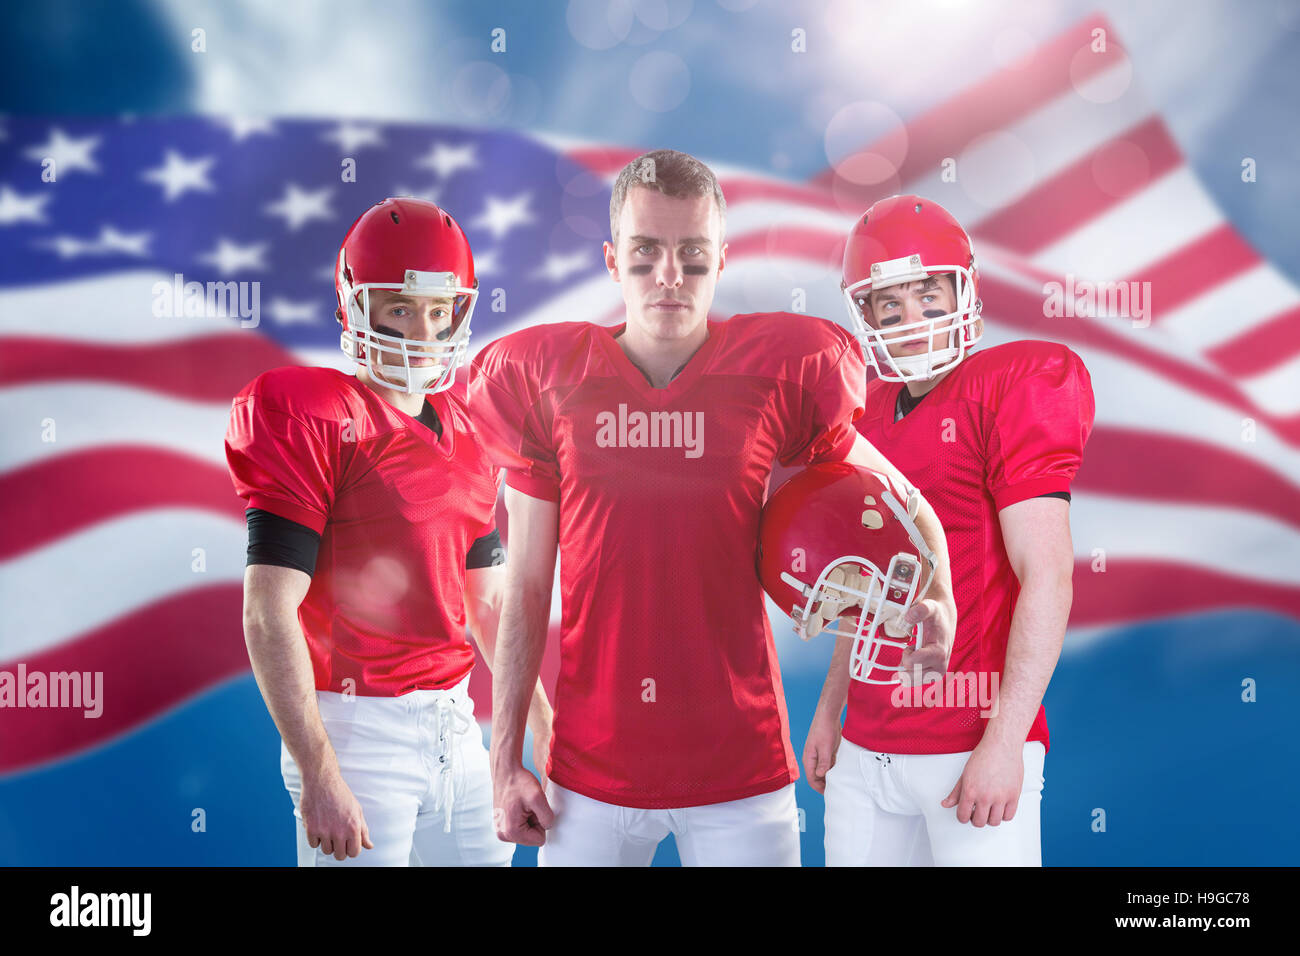 Imagen compuesta de equipo de fútbol americano Imagen De Stock